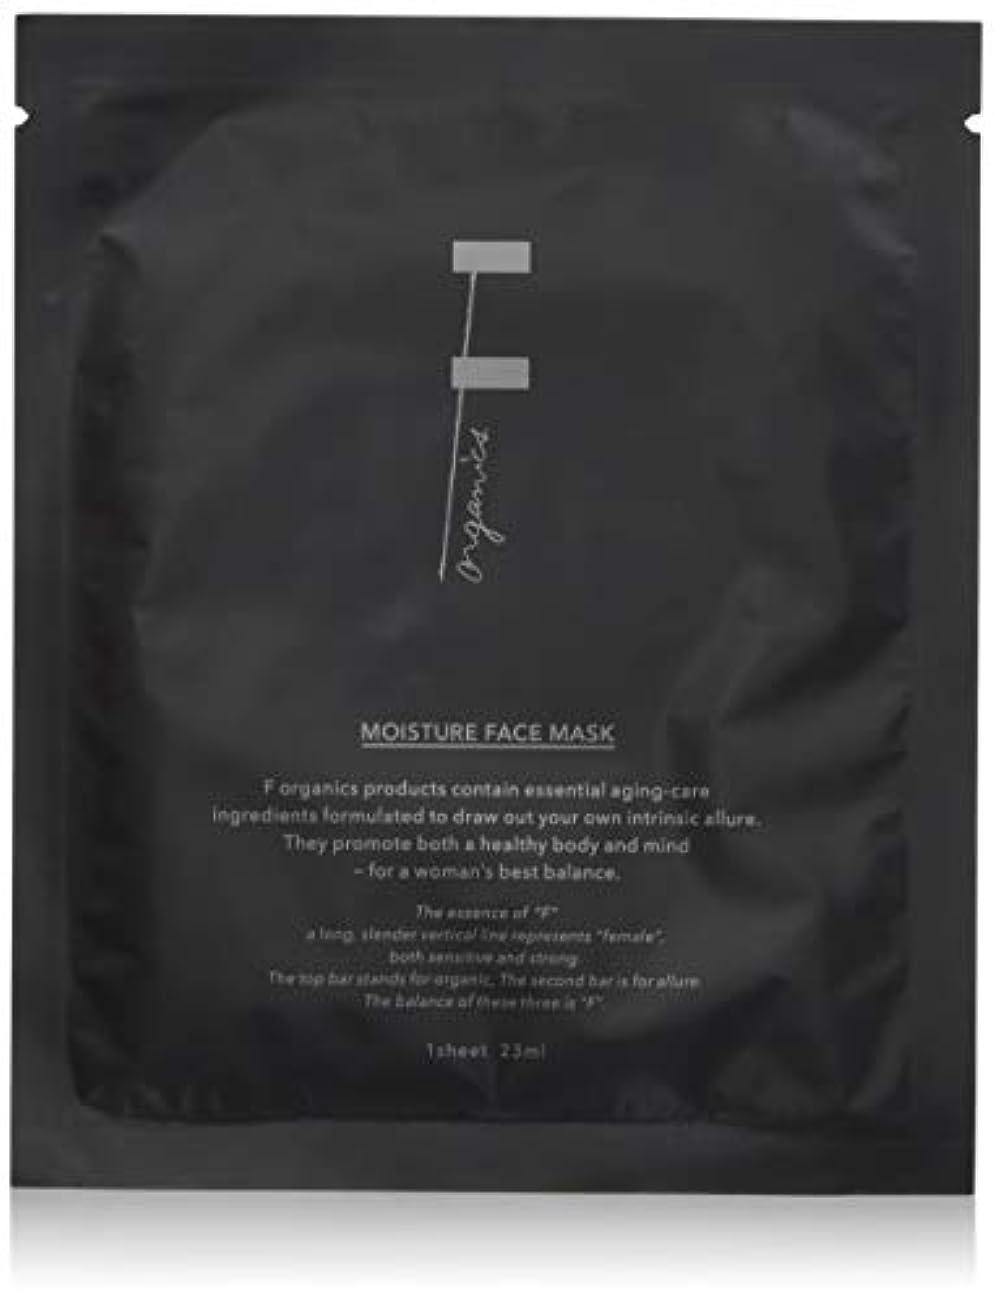 ハシー検体確認F organics(エッフェオーガニック) モイスチャーフェイスマスク(23ml×1枚入)